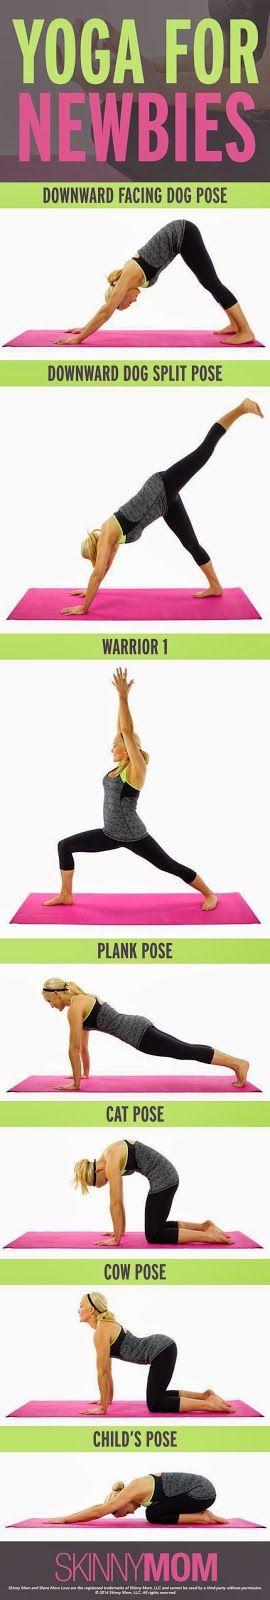 Lathelize: 365 jours de yoga # 1 - le déclic